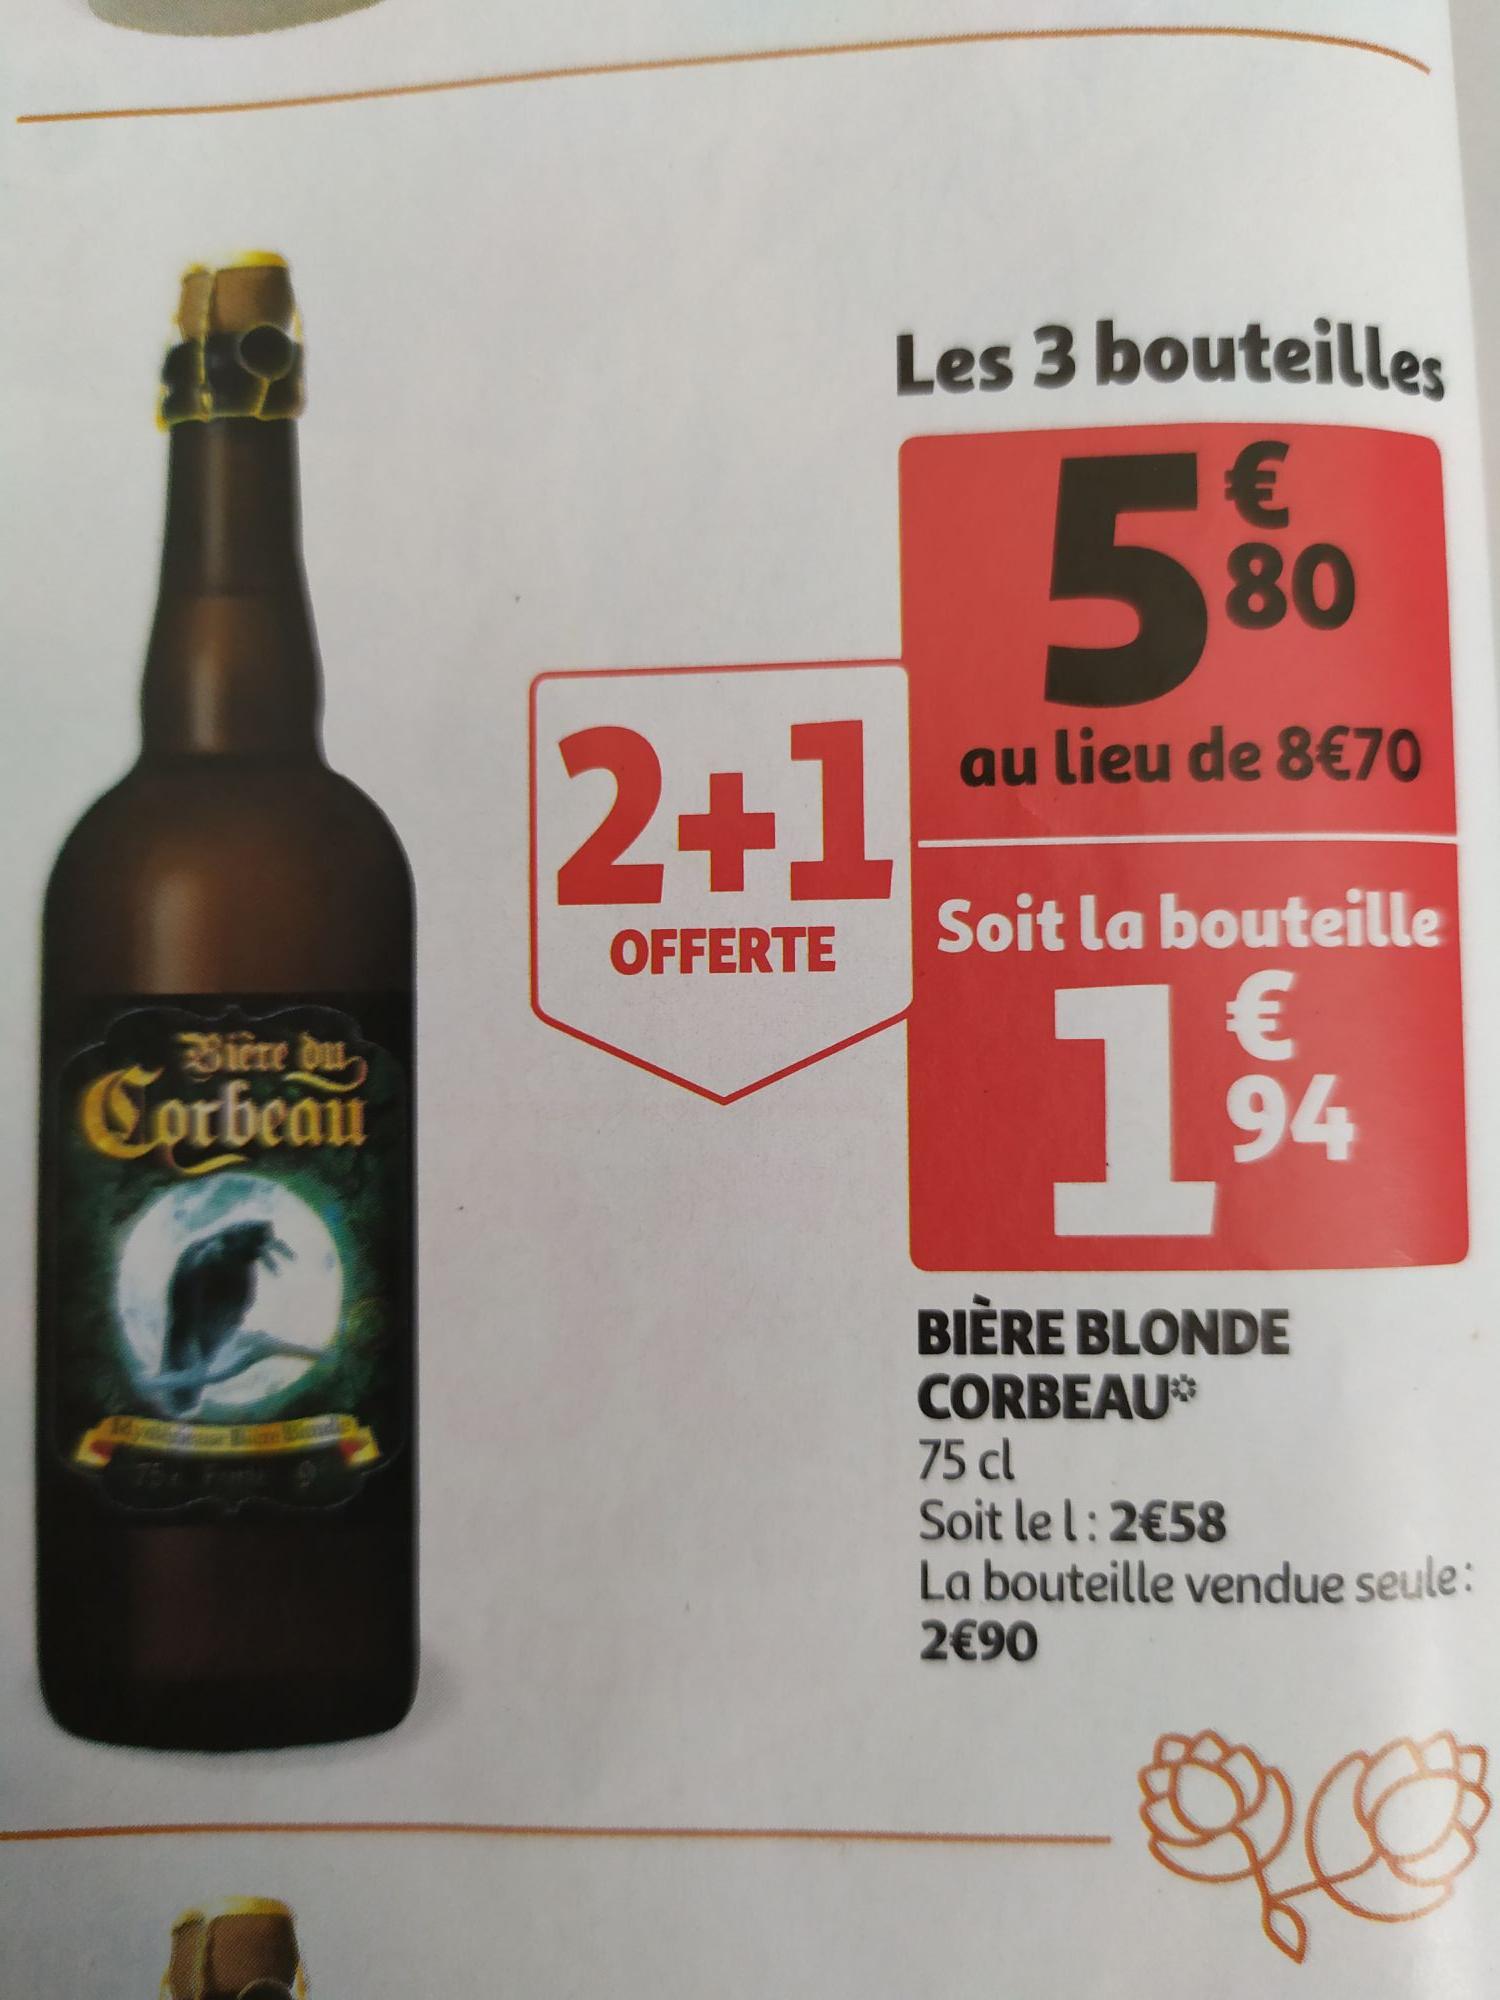 Sélection de bière en promo 2+1 gratuite - Ex  :Lot de 3 bières du Corbeau - 75cl